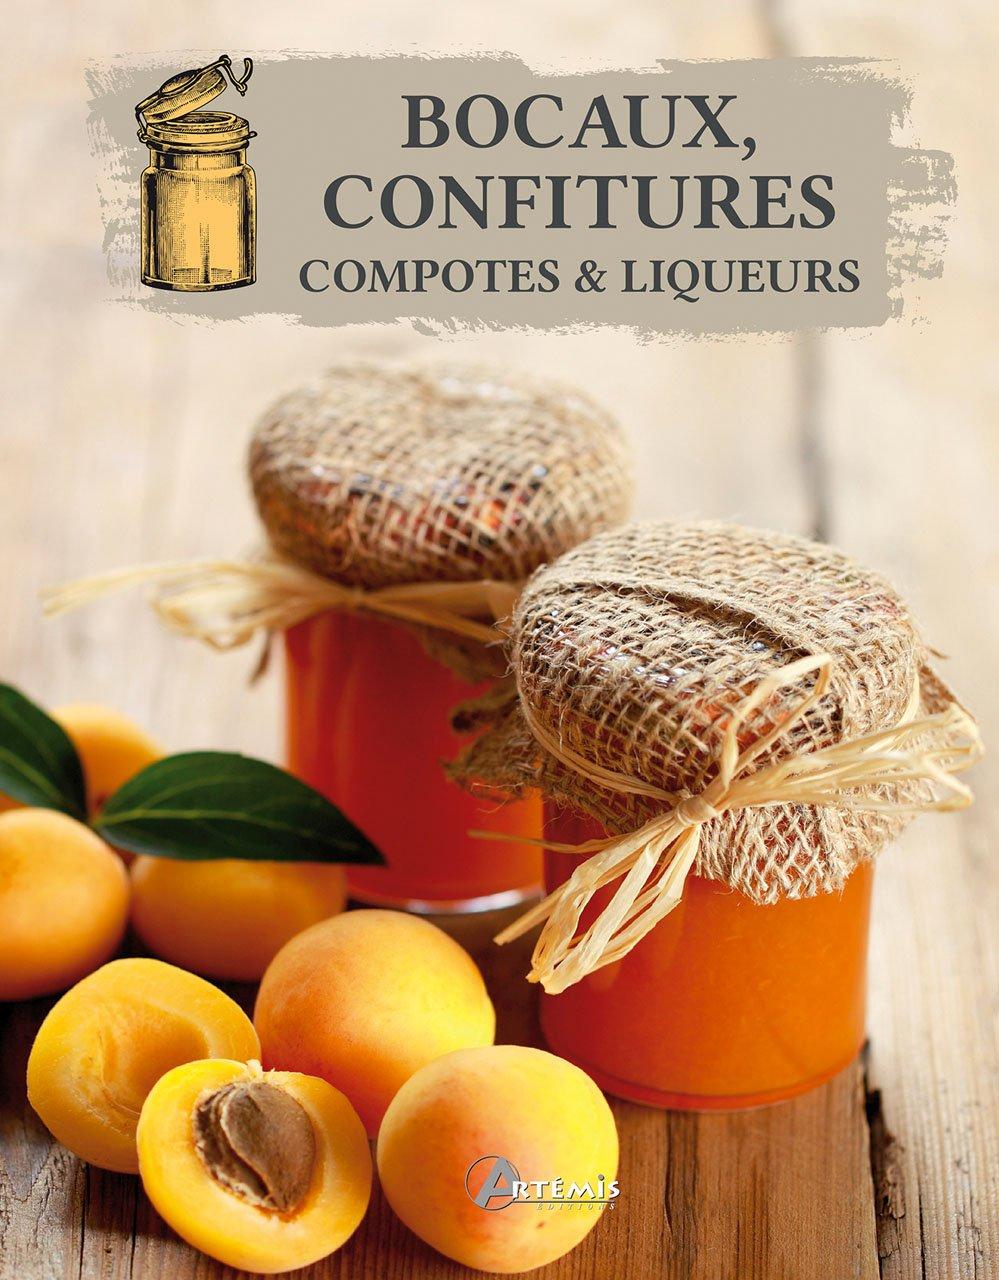 Bocaux- confitures- compotes & liqueurs